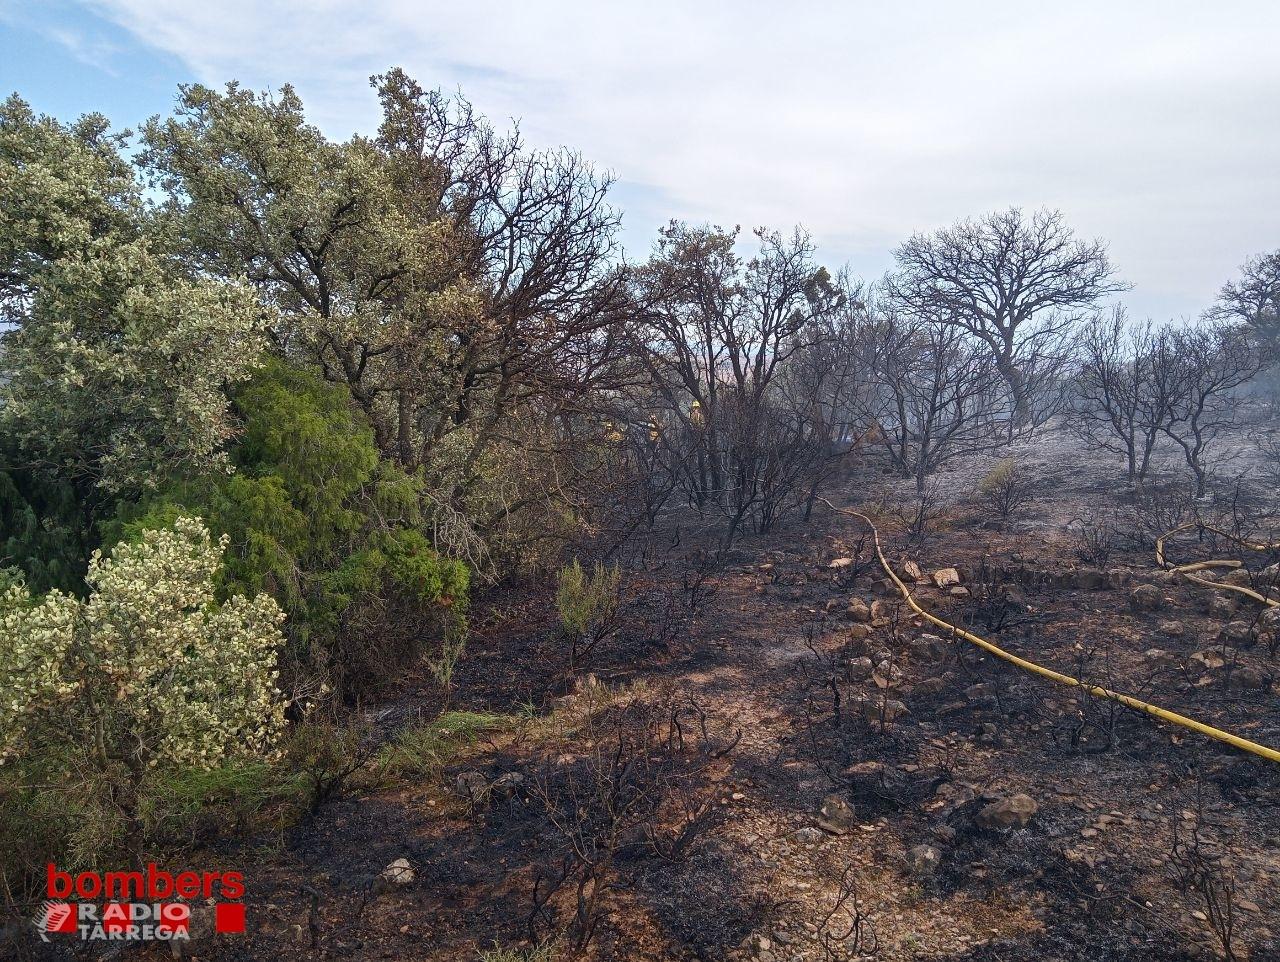 Un incendi crema poc més de 5 Ha de terreny agrícola i forestal a Agramunt